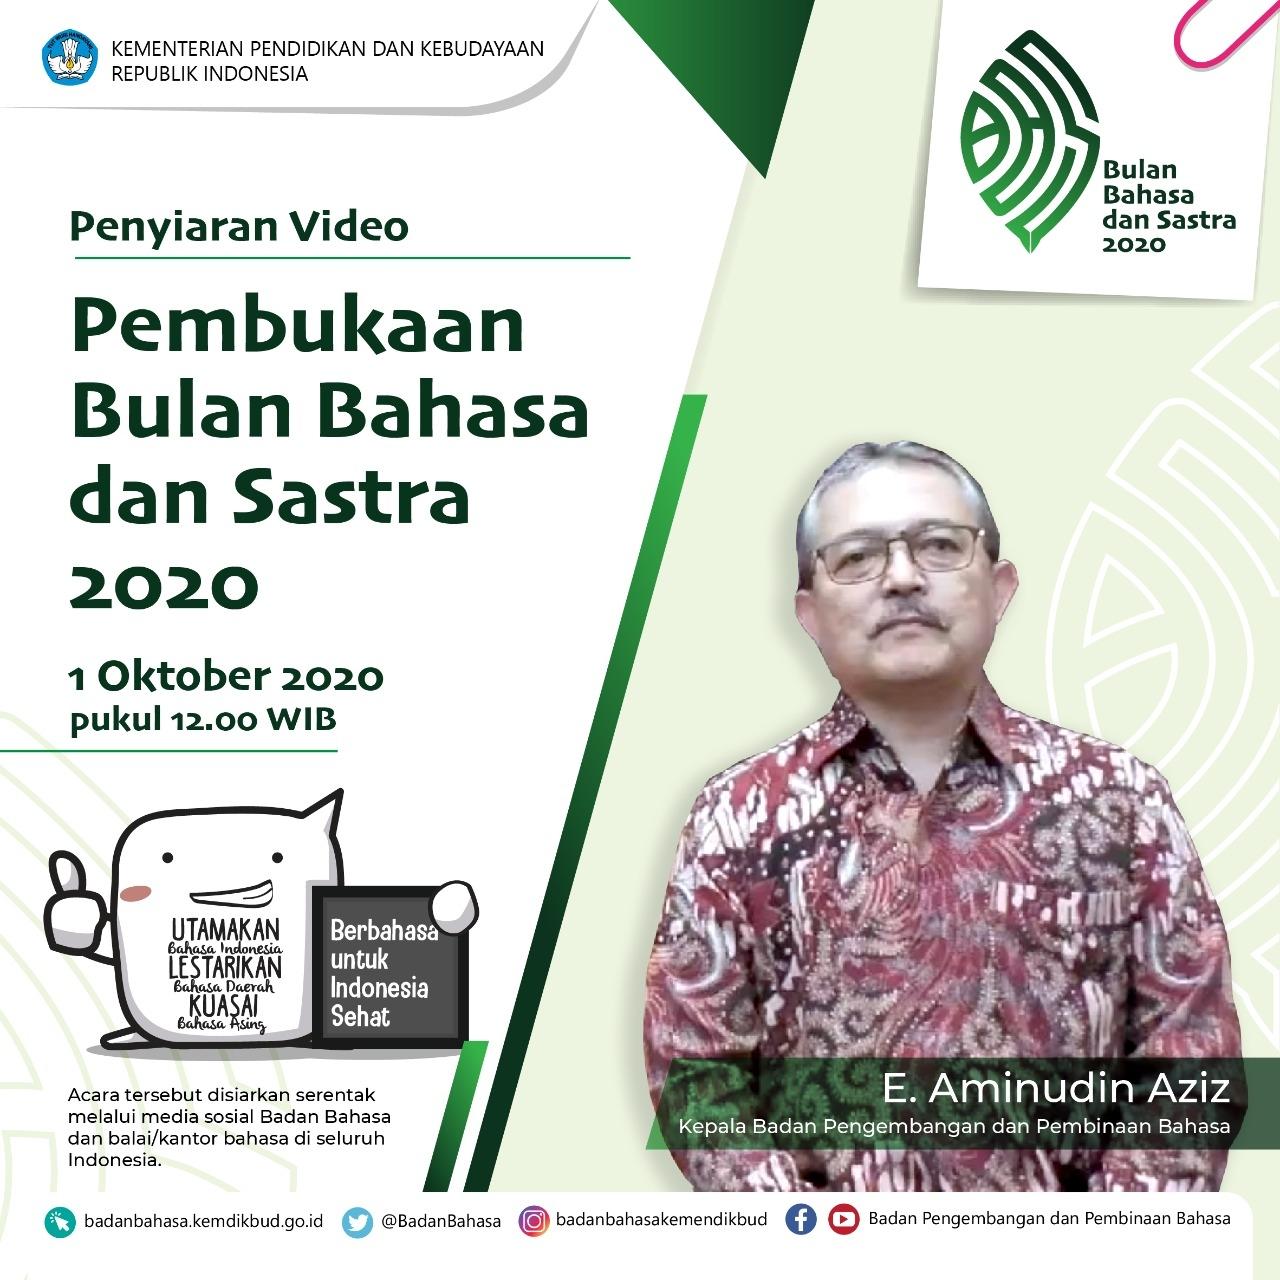 pembukaan Bulan Bahasa dan Sastra 2020 oleh Kepala Badan Pengembangan dan Pembinaan Bahasa, Kemendikbud.